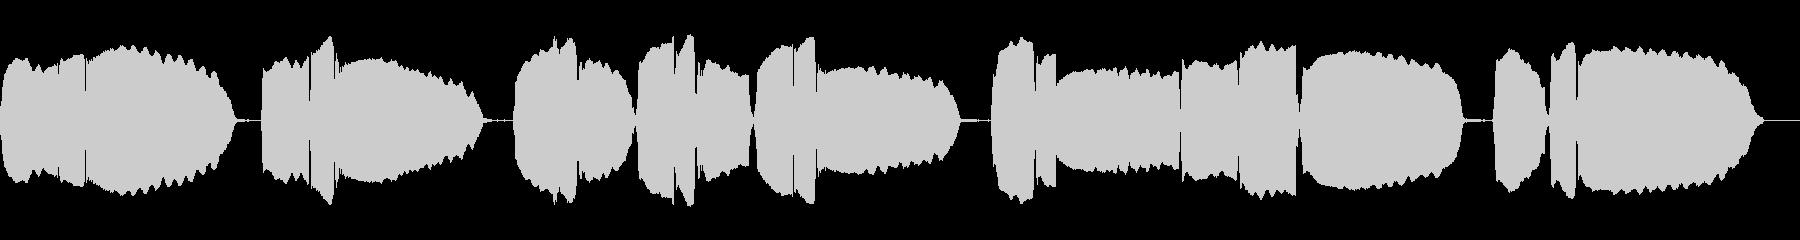 BASSOON:ラストポストアクセ...の未再生の波形